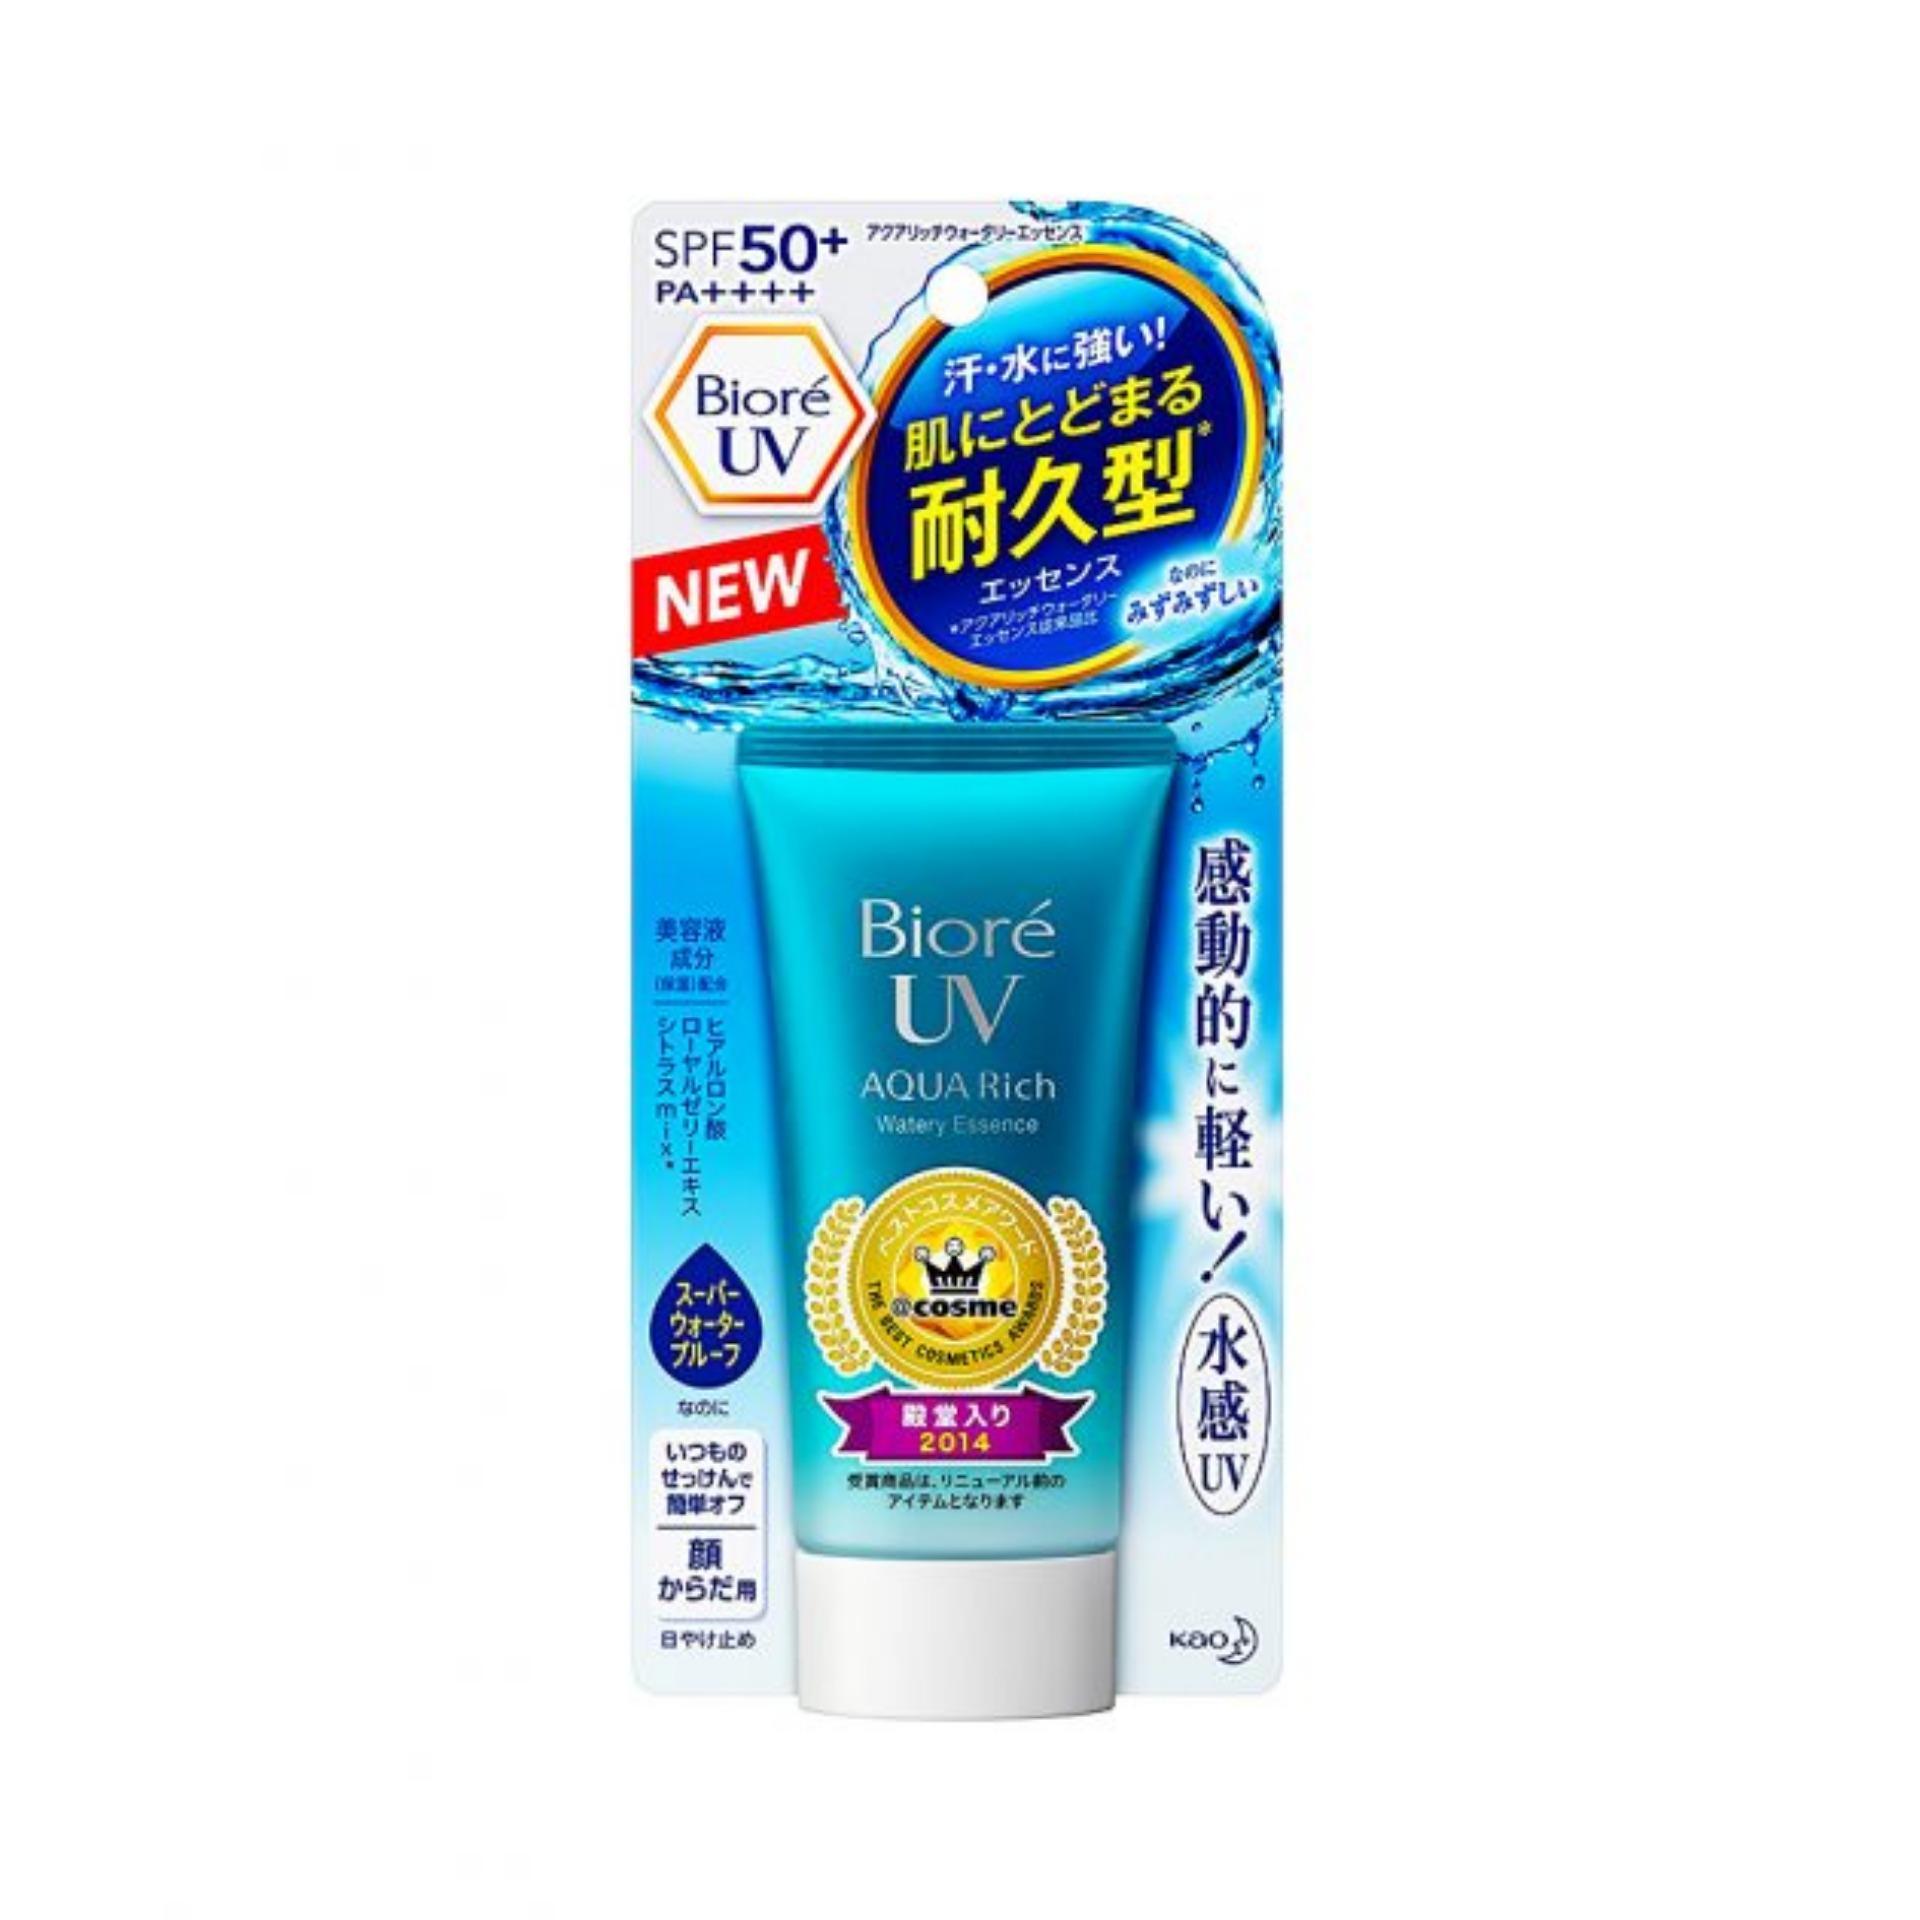 Chống nắng Biore UV Aqua Rich SPF 50+ PA++++ Watery Essence 50g